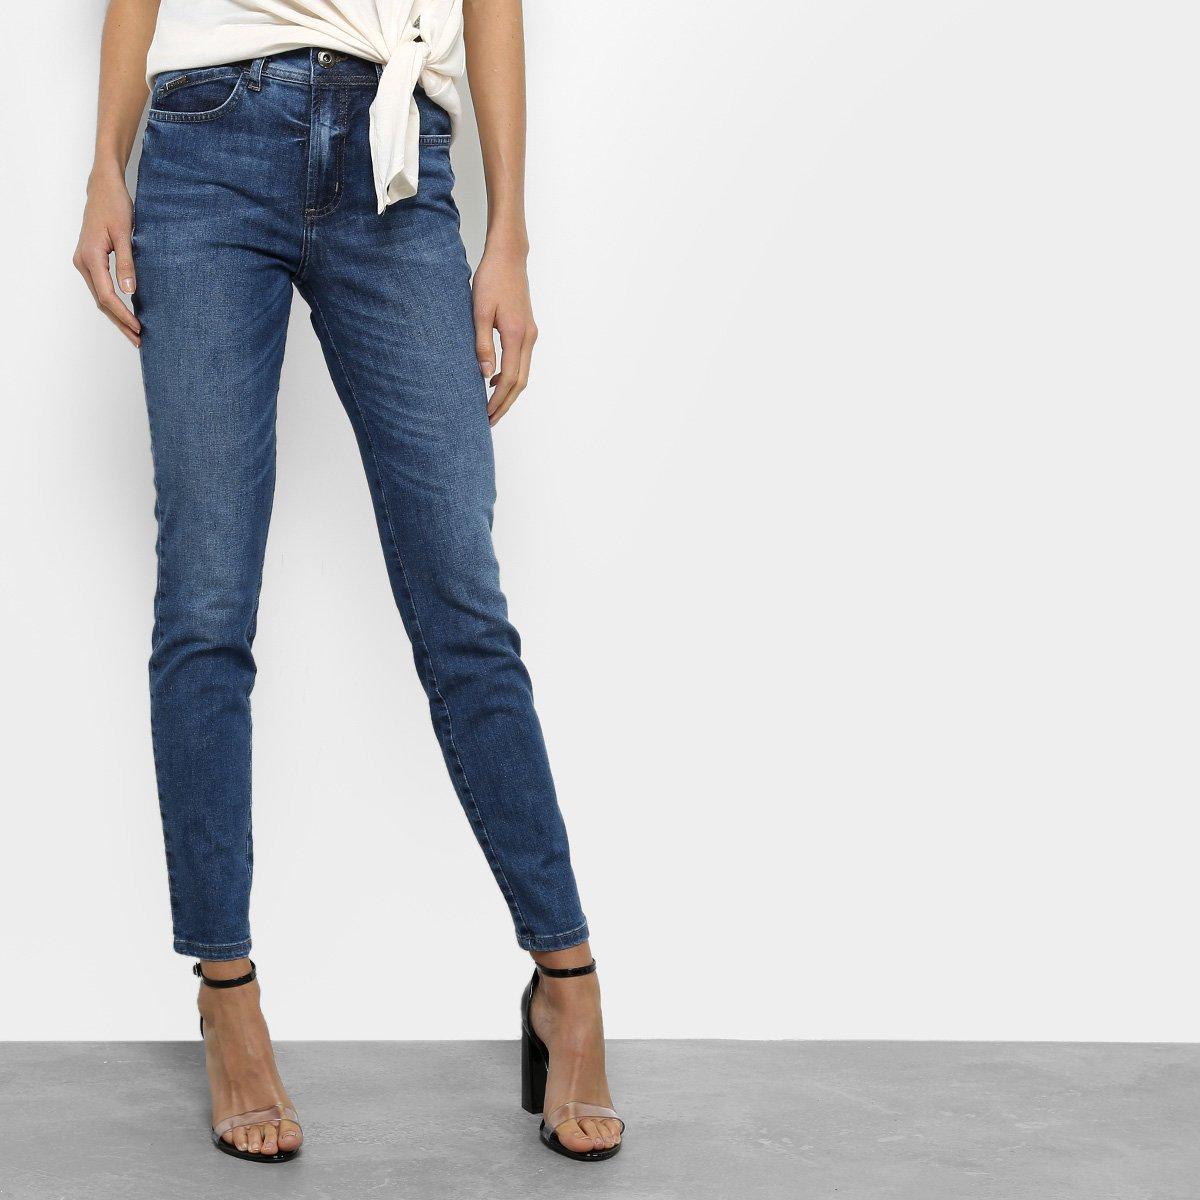 2ddf20c1c Calça Jeans Skinny Colcci Bia Cintura Alta Feminina